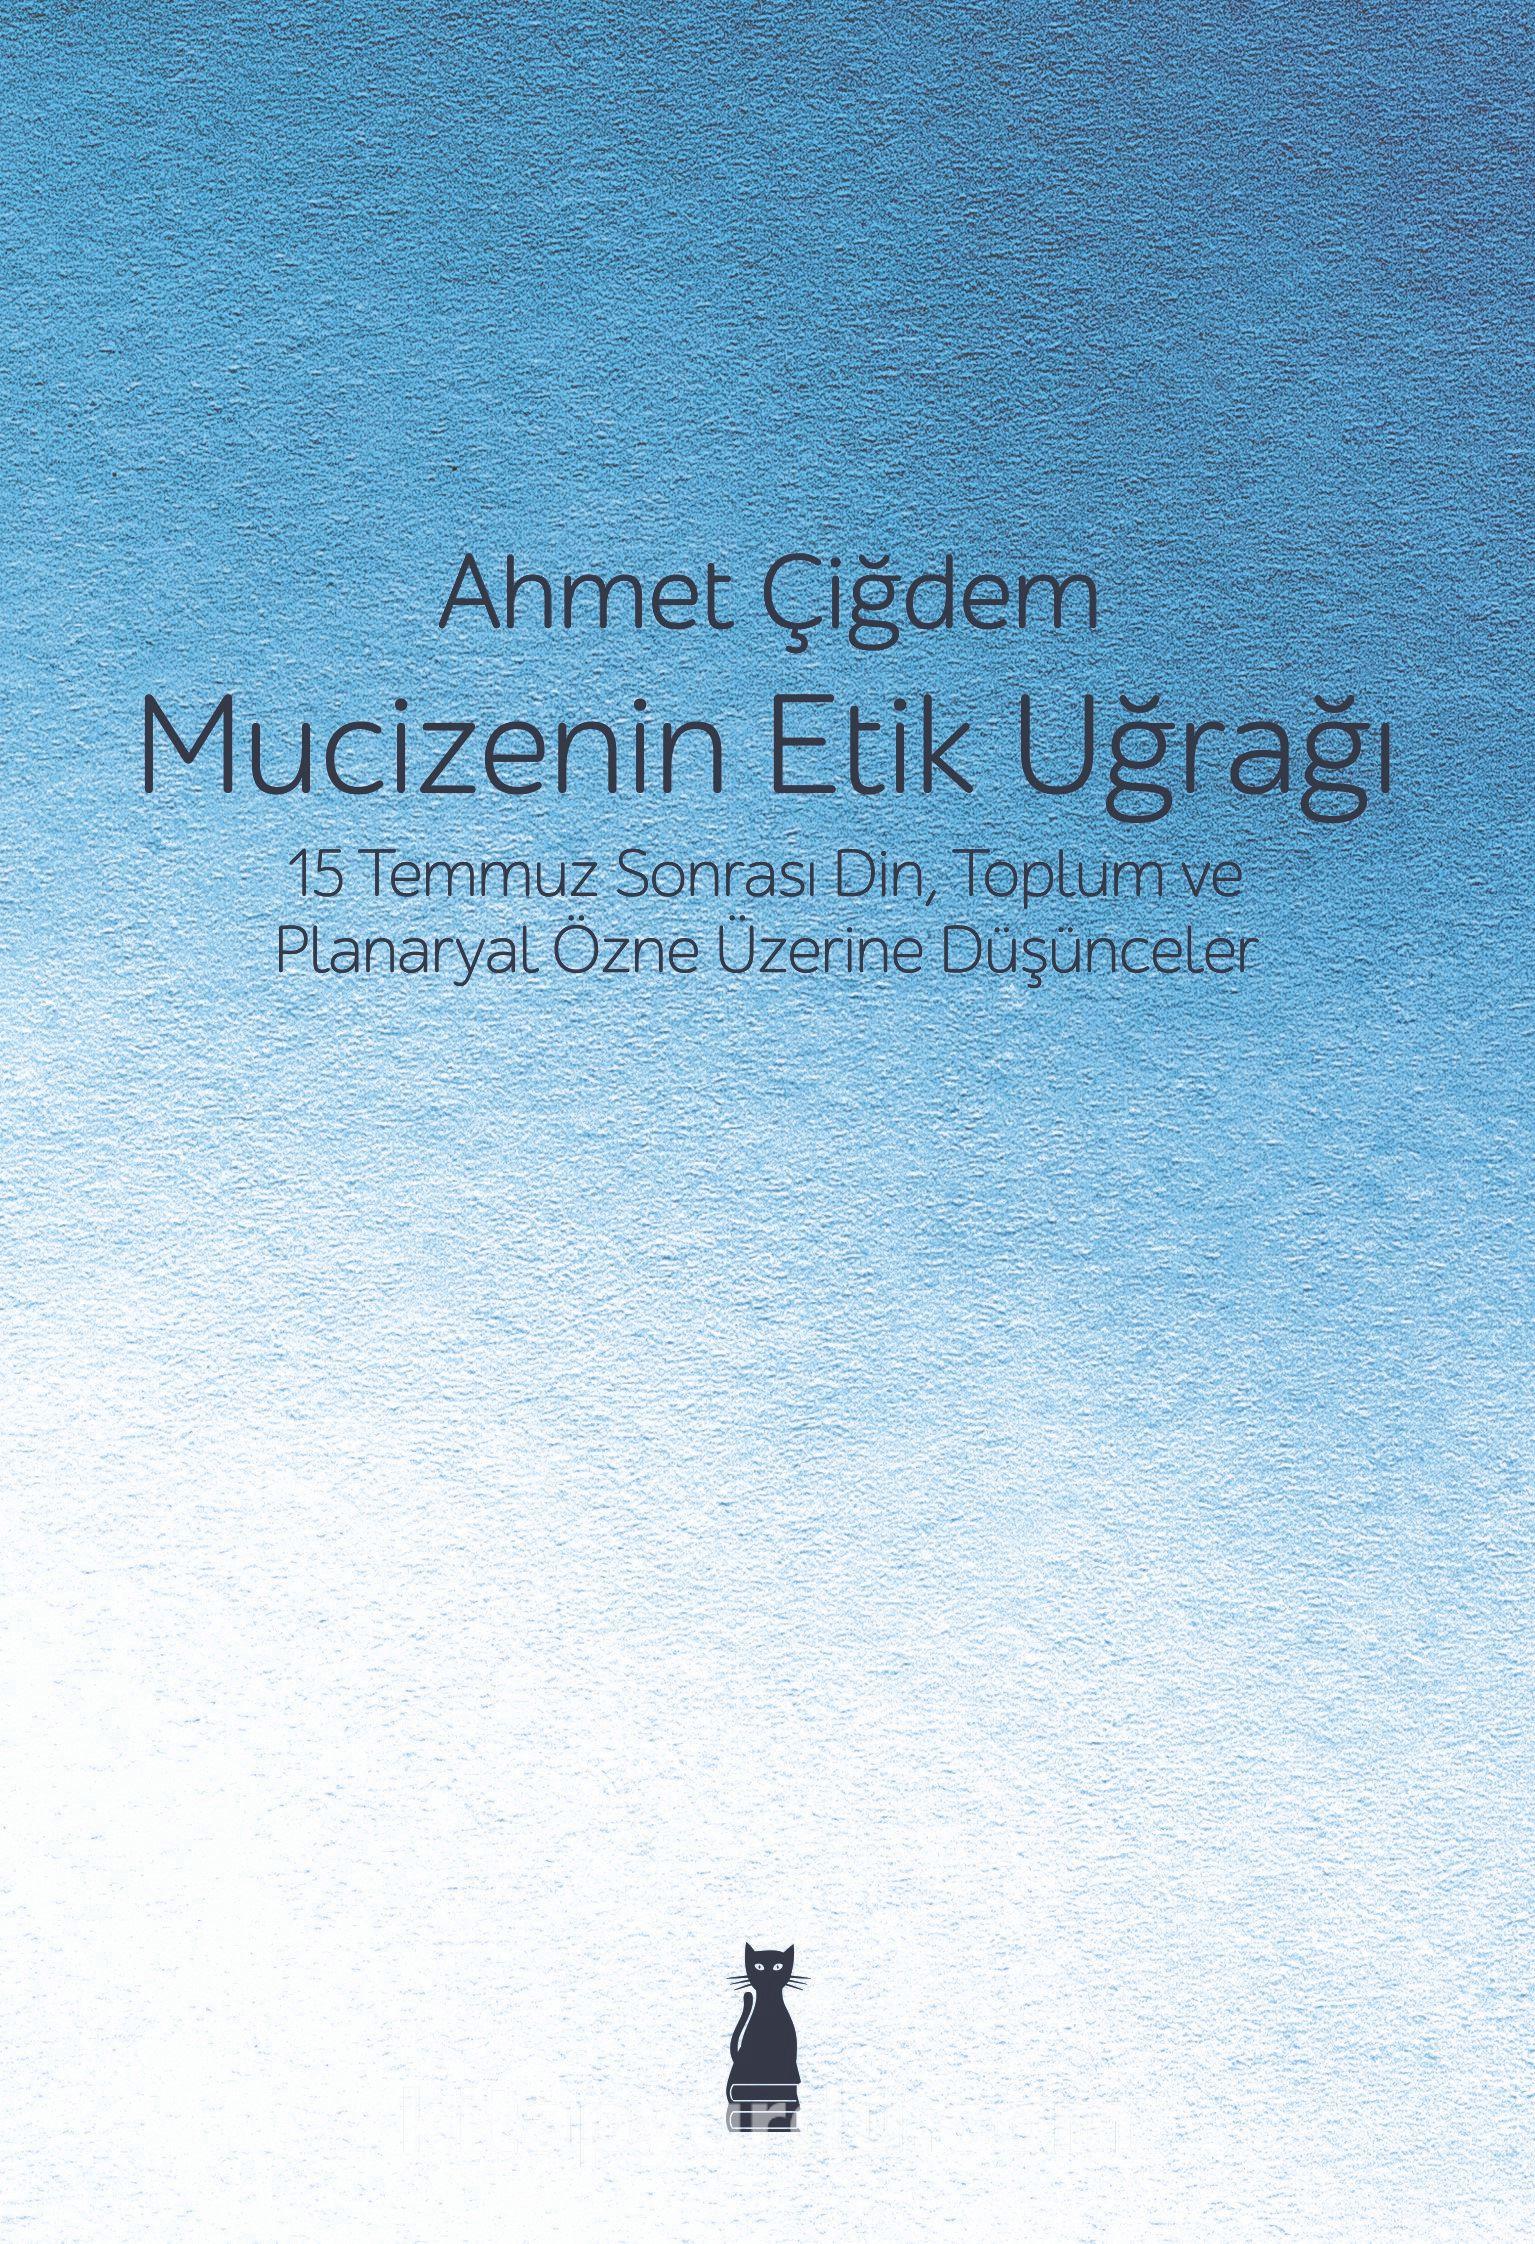 Mucizenin Etik Uğrağı15 Temmuz Sonrası Din, Toplum ve Planaryal Özne Üzerine Düşünceler - Ahmet Çiğdem pdf epub